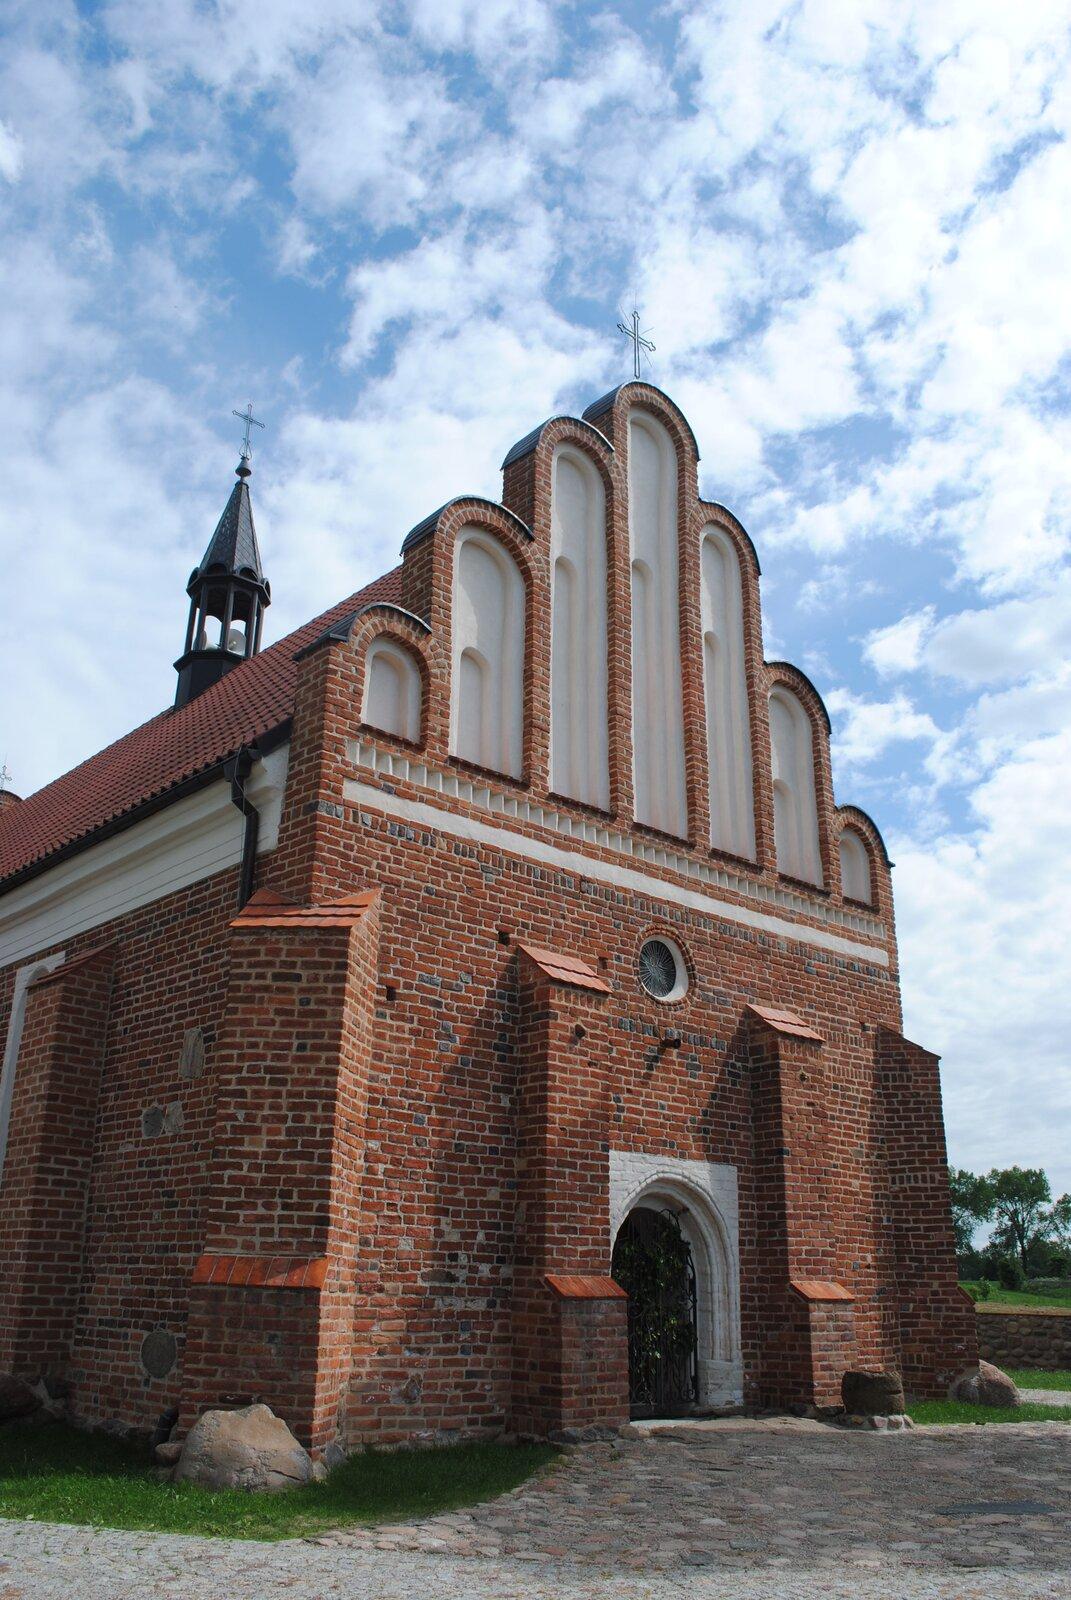 Kościół św. Stanisława wNiedźwiadnej.Murowanykościół wwiosce na północnym Podlasiu wybudowano dopiero około połowy XVI w. Wzory czerpane pobliskiego Księstwa Pruskiego (dawne ziemie zakonne) oraz samej Polski zadecydowały owzniesieniu go wtradycyjnej formie, zfasadą ozdobioną sterczynami, ale już proporcje kościoła (mała strzelistość), duże otwory okienne (na prezentowanym zdjęciu tego nie widać), półokrągłe zakończenie łuków fasady czy portalu (obramienia) wejścia uwidaczniają zachodzące zmiany. Kościół św. Stanisława wNiedźwiadnej.Murowanykościół wwiosce na północnym Podlasiu wybudowano dopiero około połowy XVI w. Wzory czerpane pobliskiego Księstwa Pruskiego (dawne ziemie zakonne) oraz samej Polski zadecydowały owzniesieniu go wtradycyjnej formie, zfasadą ozdobioną sterczynami, ale już proporcje kościoła (mała strzelistość), duże otwory okienne (na prezentowanym zdjęciu tego nie widać), półokrągłe zakończenie łuków fasady czy portalu (obramienia) wejścia uwidaczniają zachodzące zmiany. Źródło: Rafał Zarzecki, Wikimedia Commons, licencja: CC BY-SA 3.0.